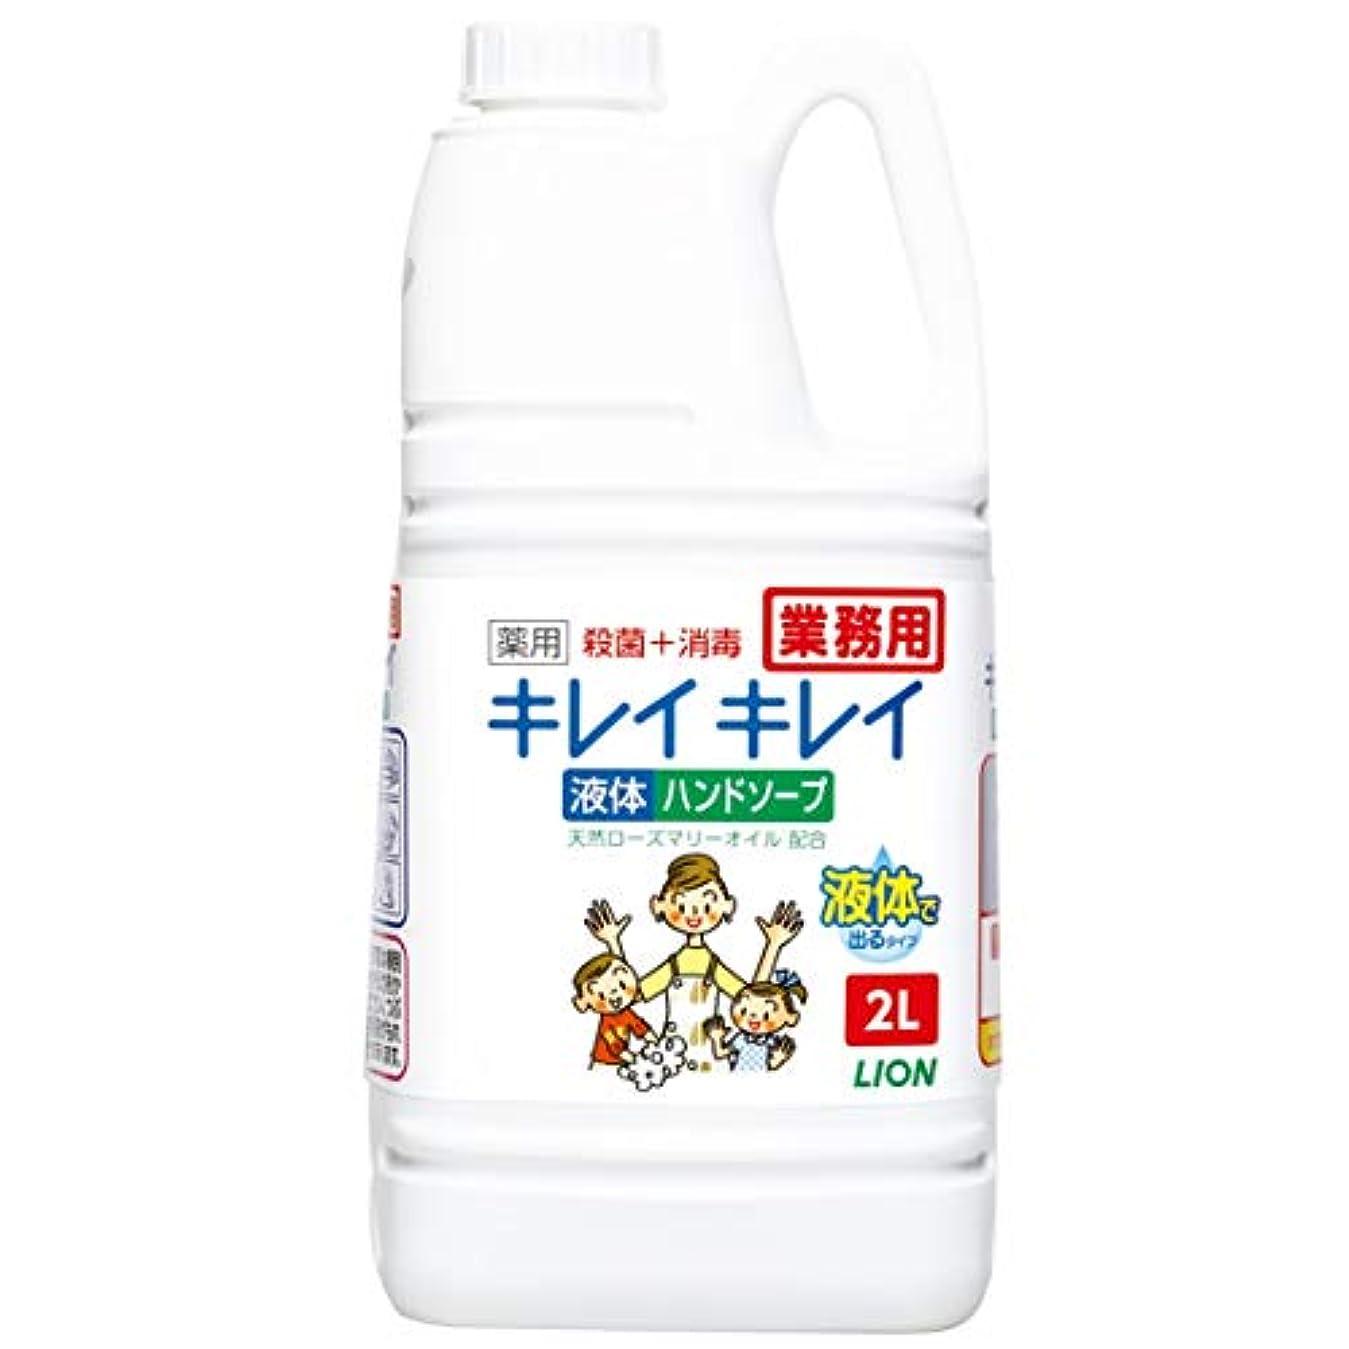 再生可能ペース消去【業務用 大容量】キレイキレイ 薬用 ハンドソープ 2L(医薬部外品)